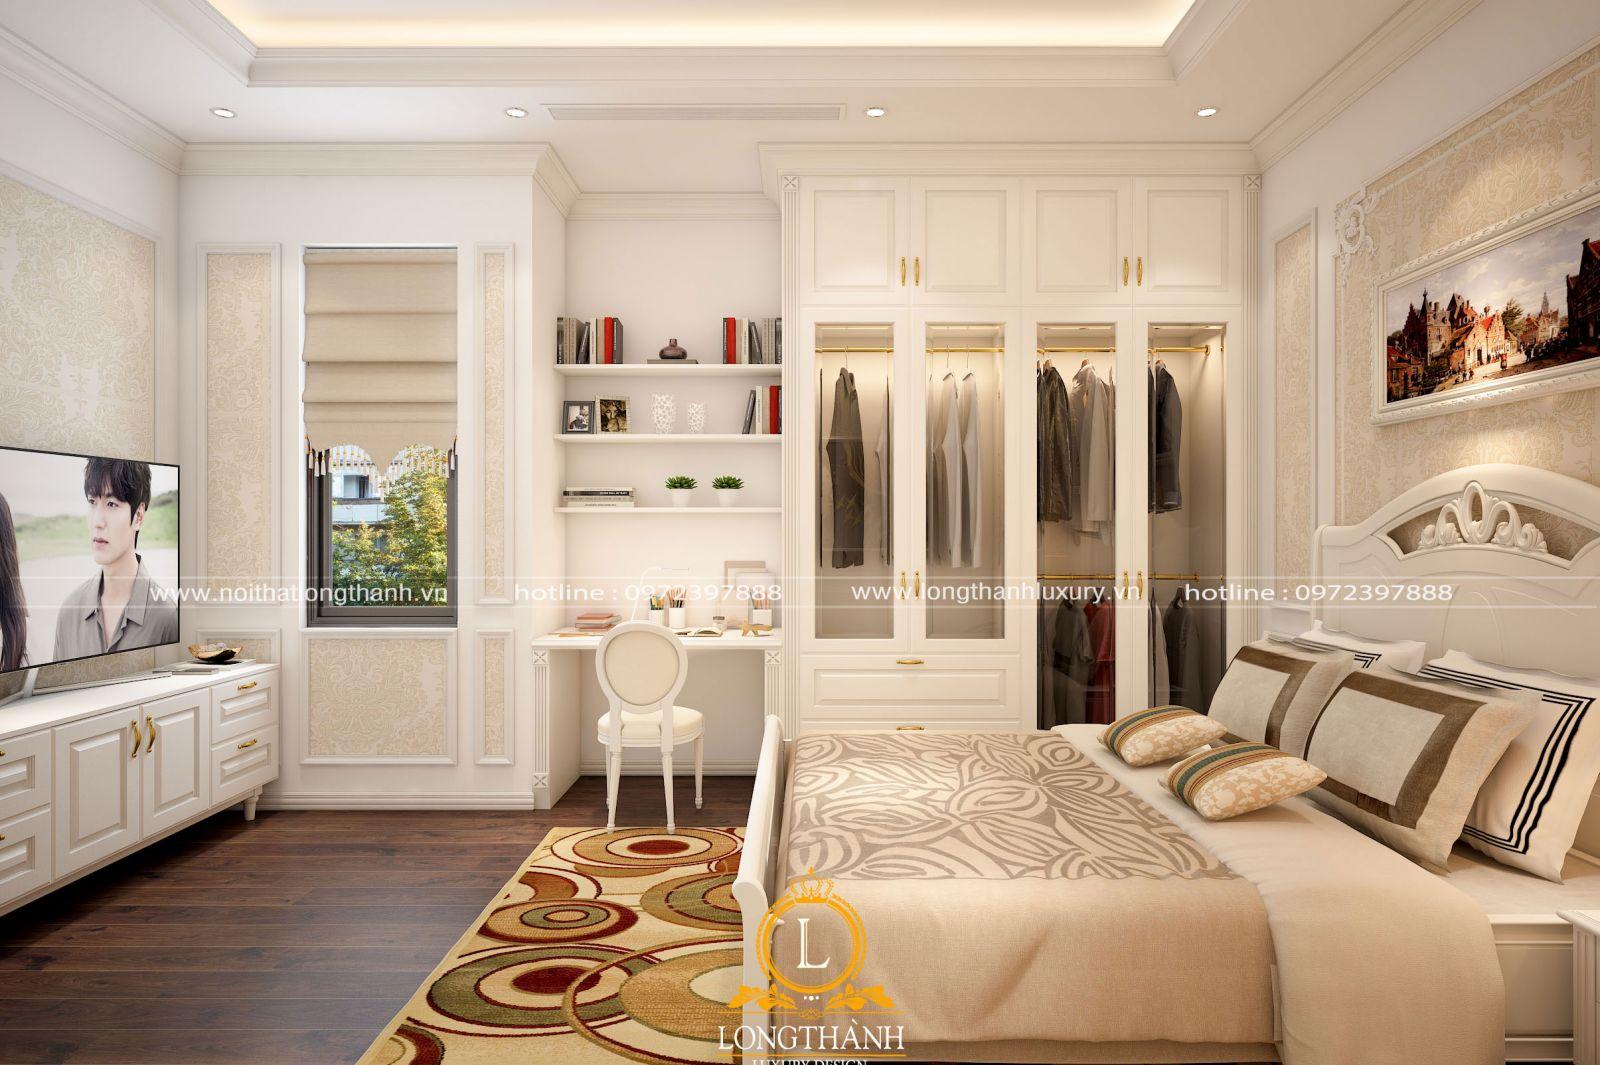 Phòng ngủ sang trọng và tiện nghi